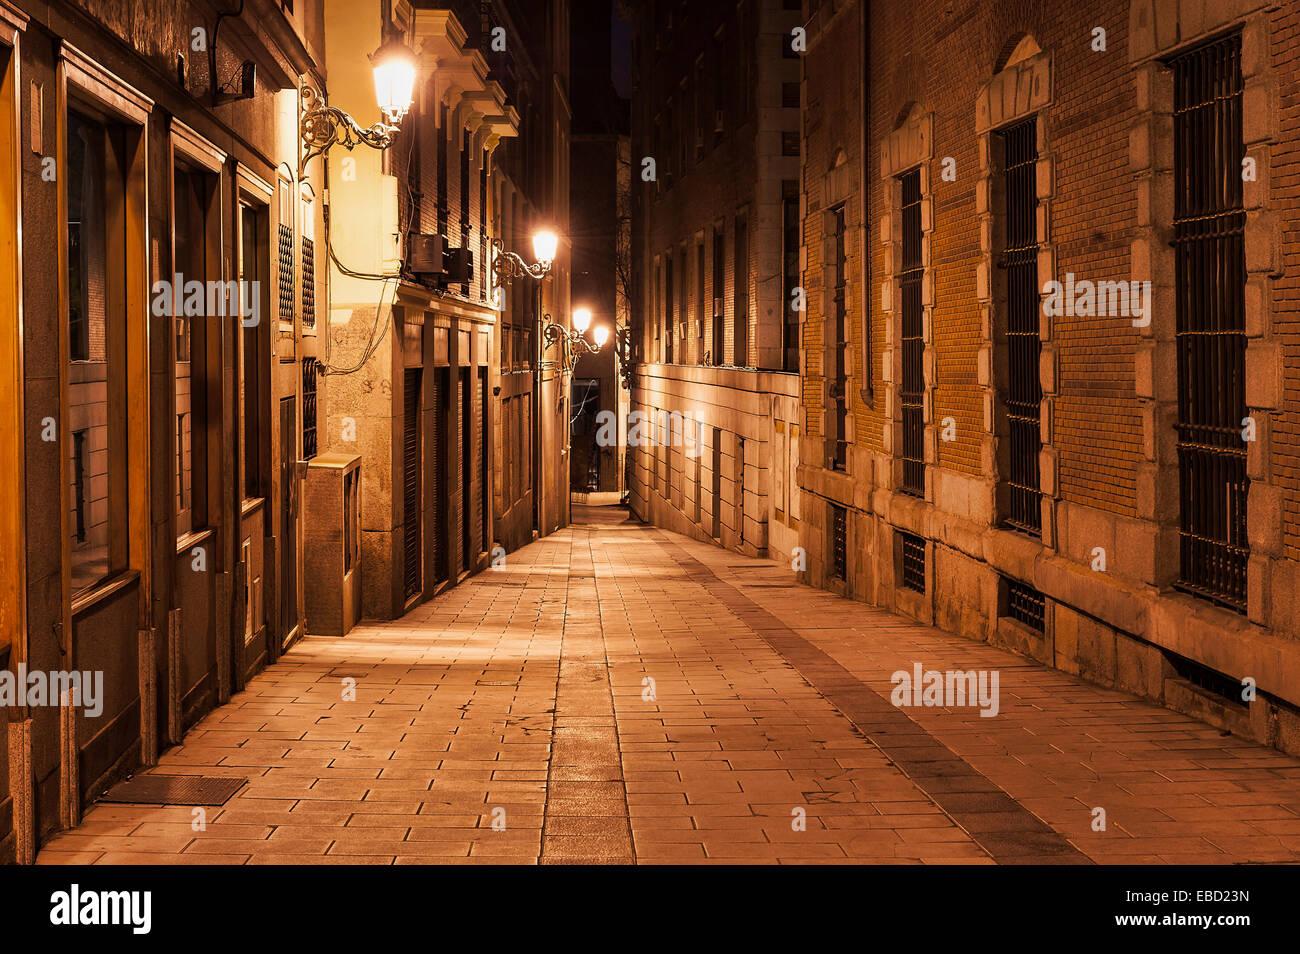 Ruelle éclairée par des lampadaires la nuit, Madrid, Espagne Photo Stock